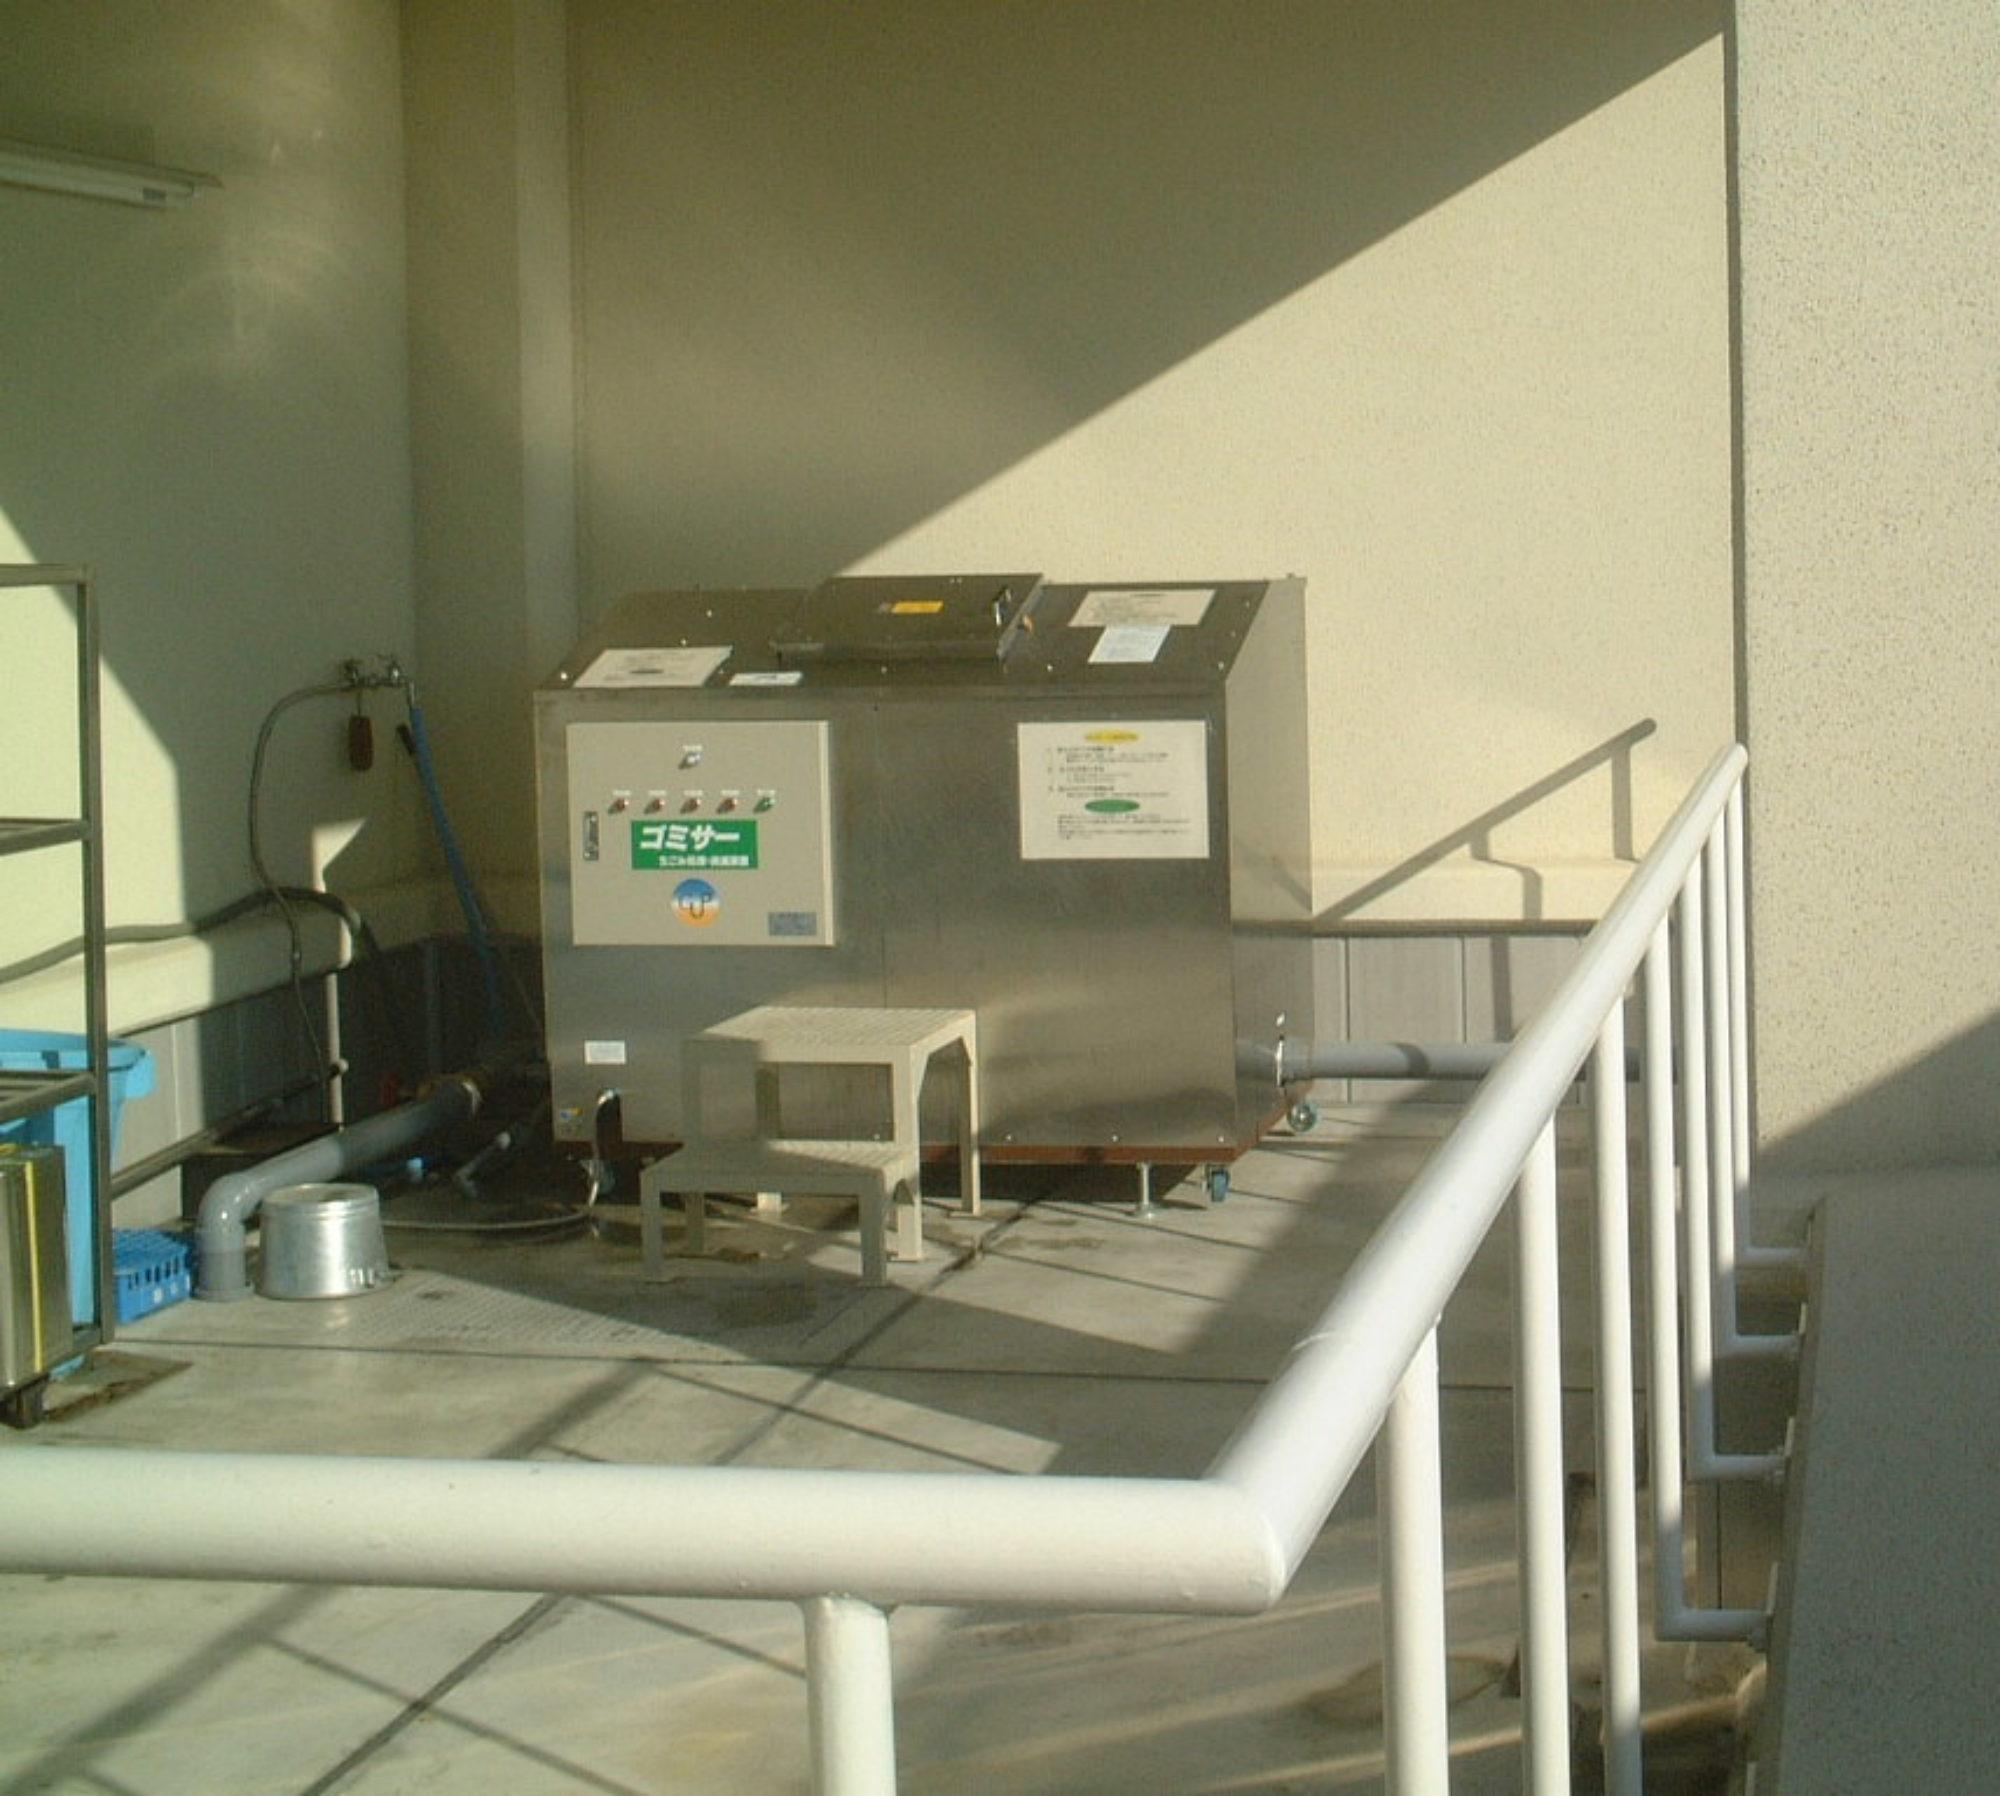 ようこそ ゴミサー ミキサー製造販売のエスキー工機へ